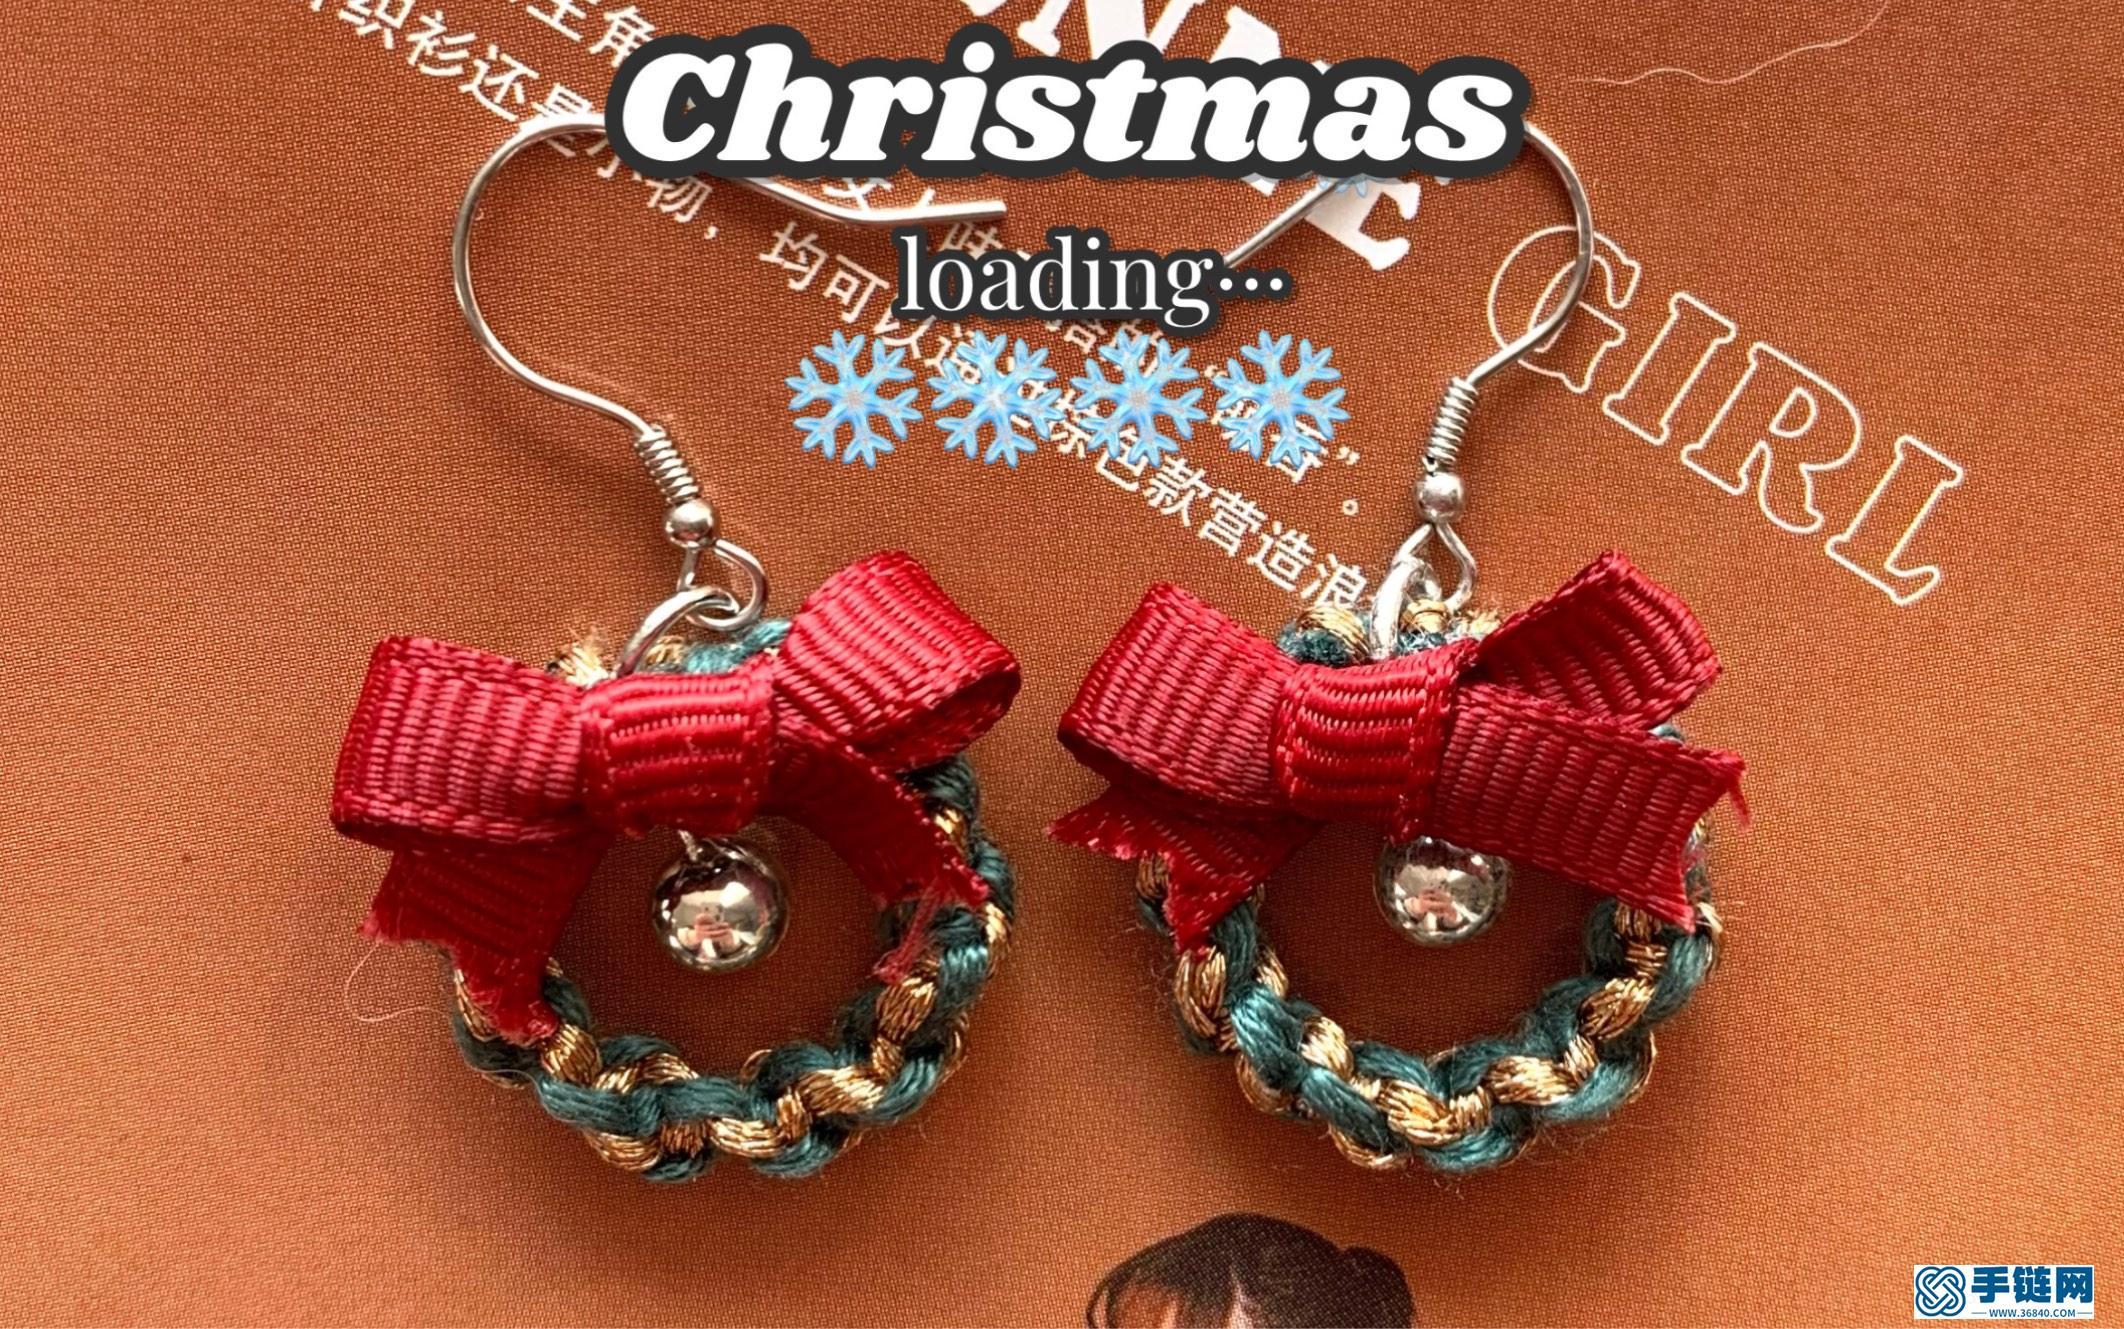 简单版圣诞耳环 把男票送的戒指圈拿来改造